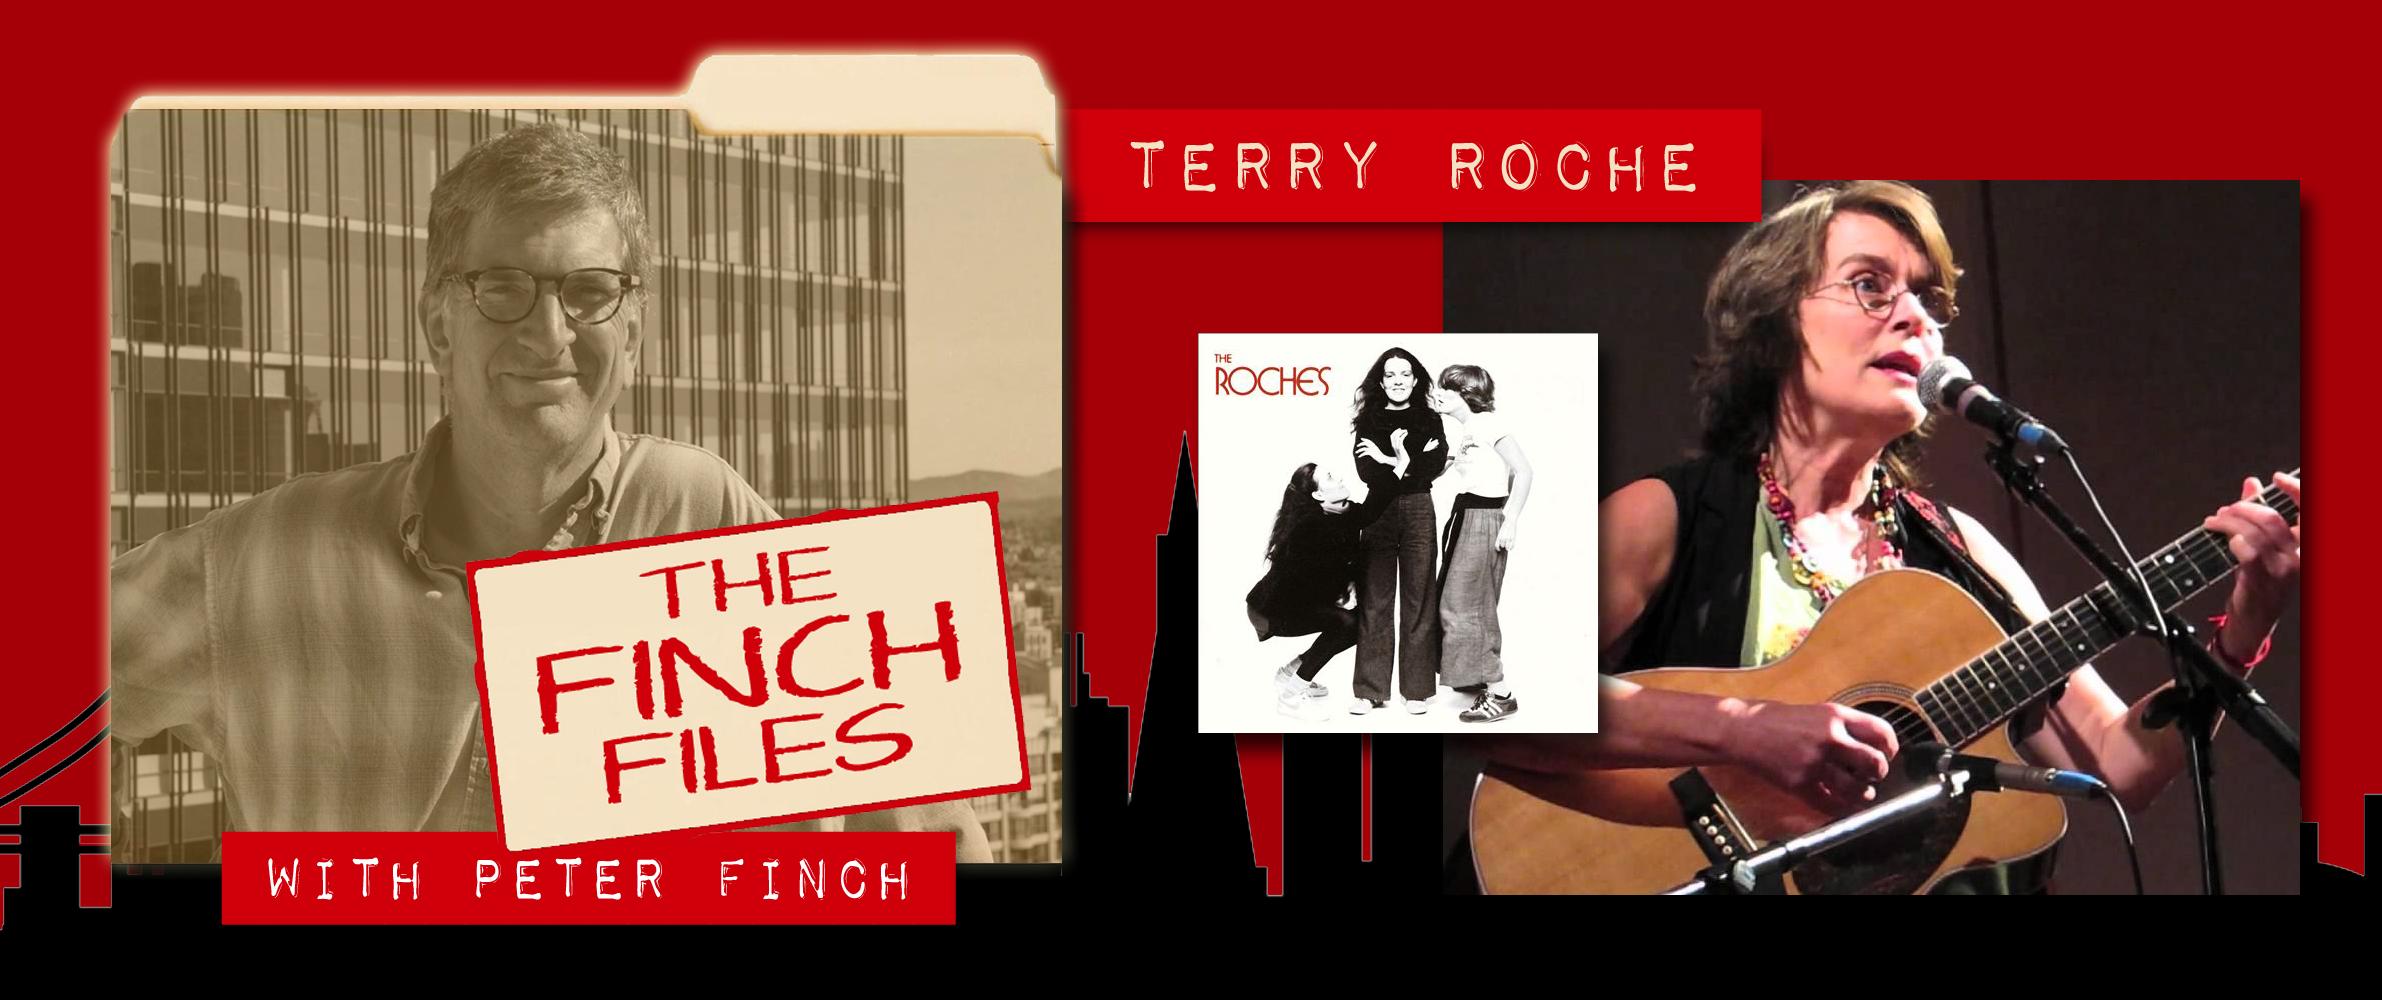 The Finch Files: Terre Roche